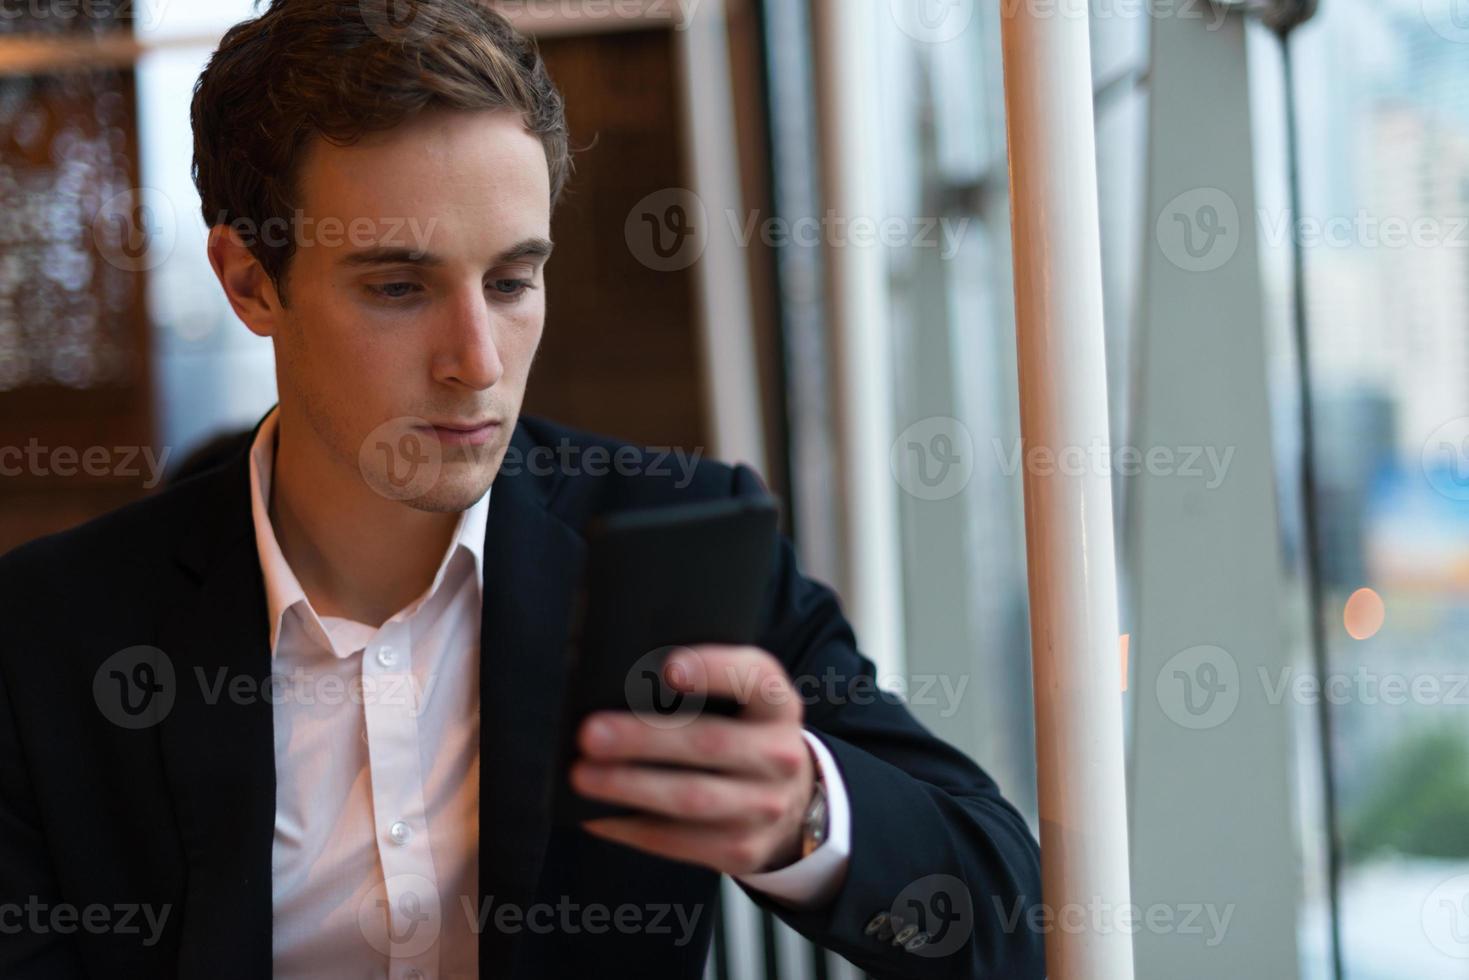 empresário, olhando para o telefone foto